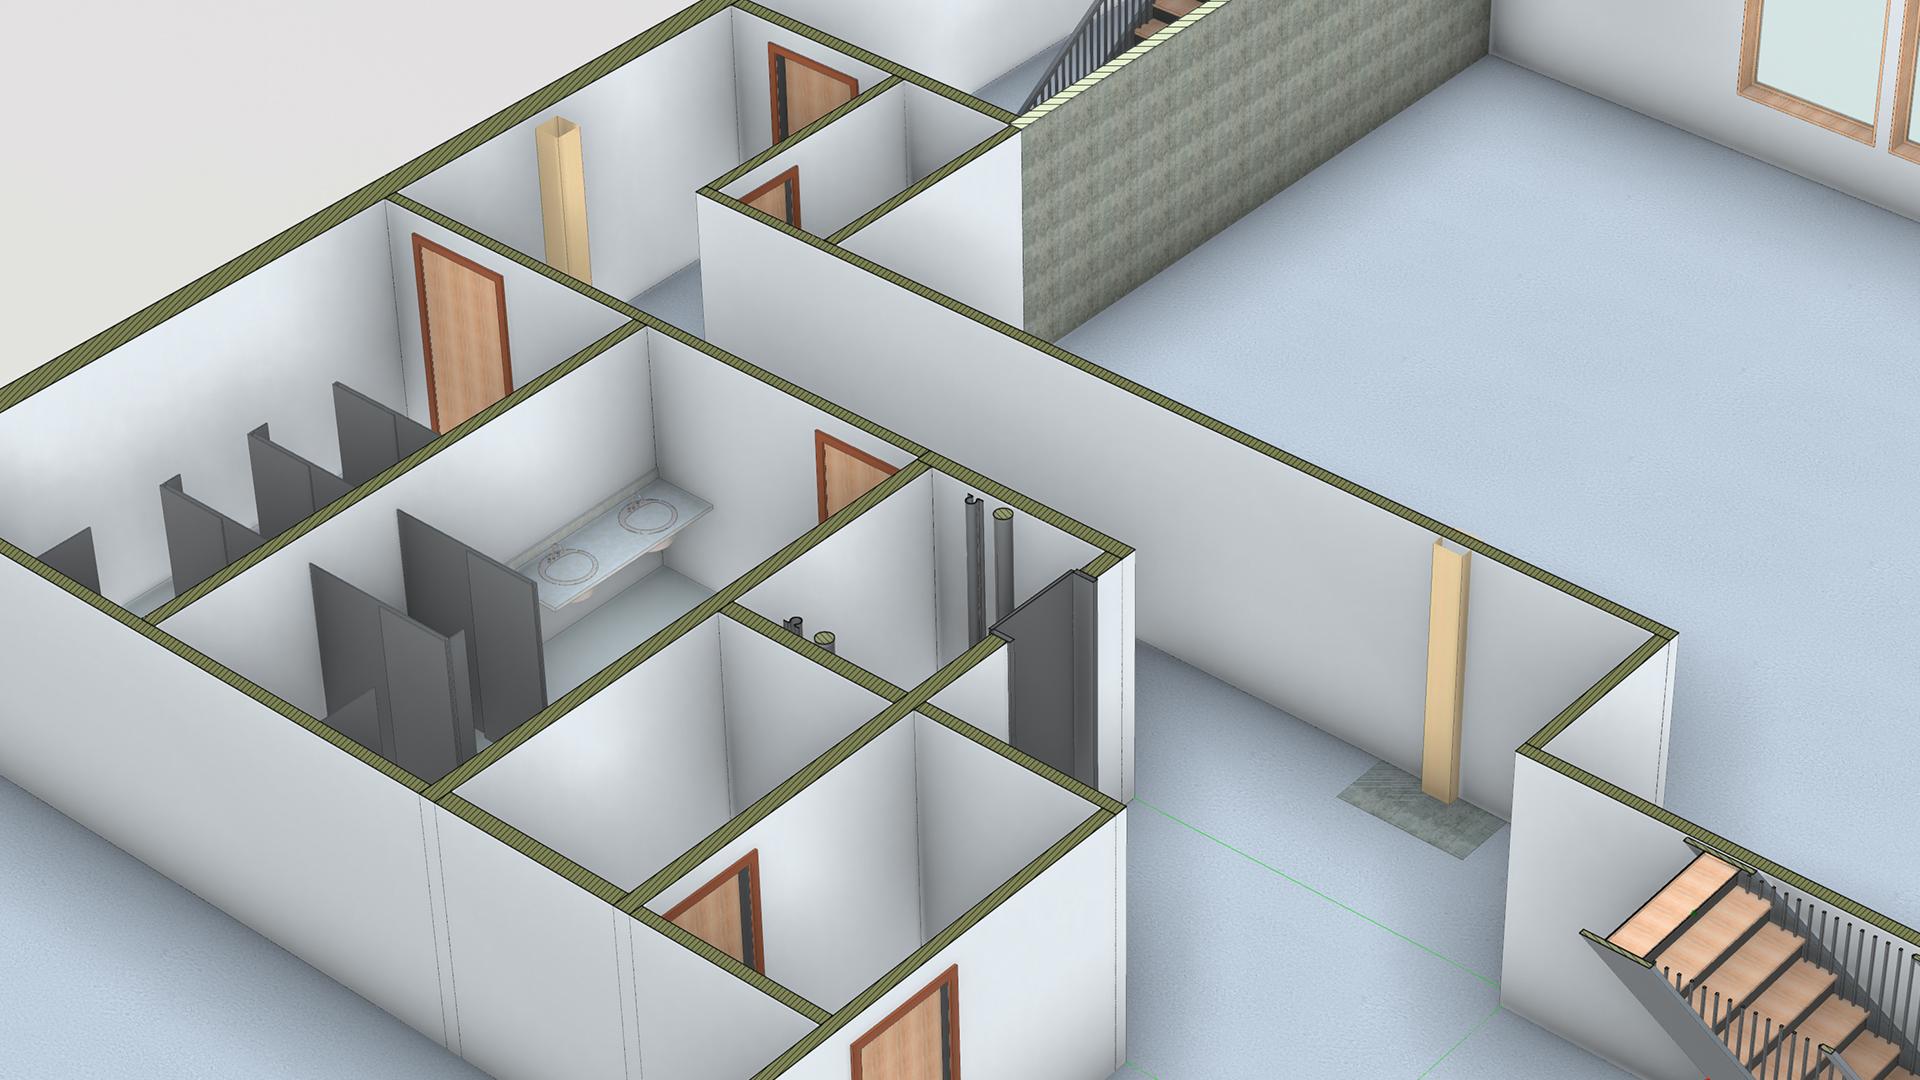 Revit 2019 Professional Office Interior Design